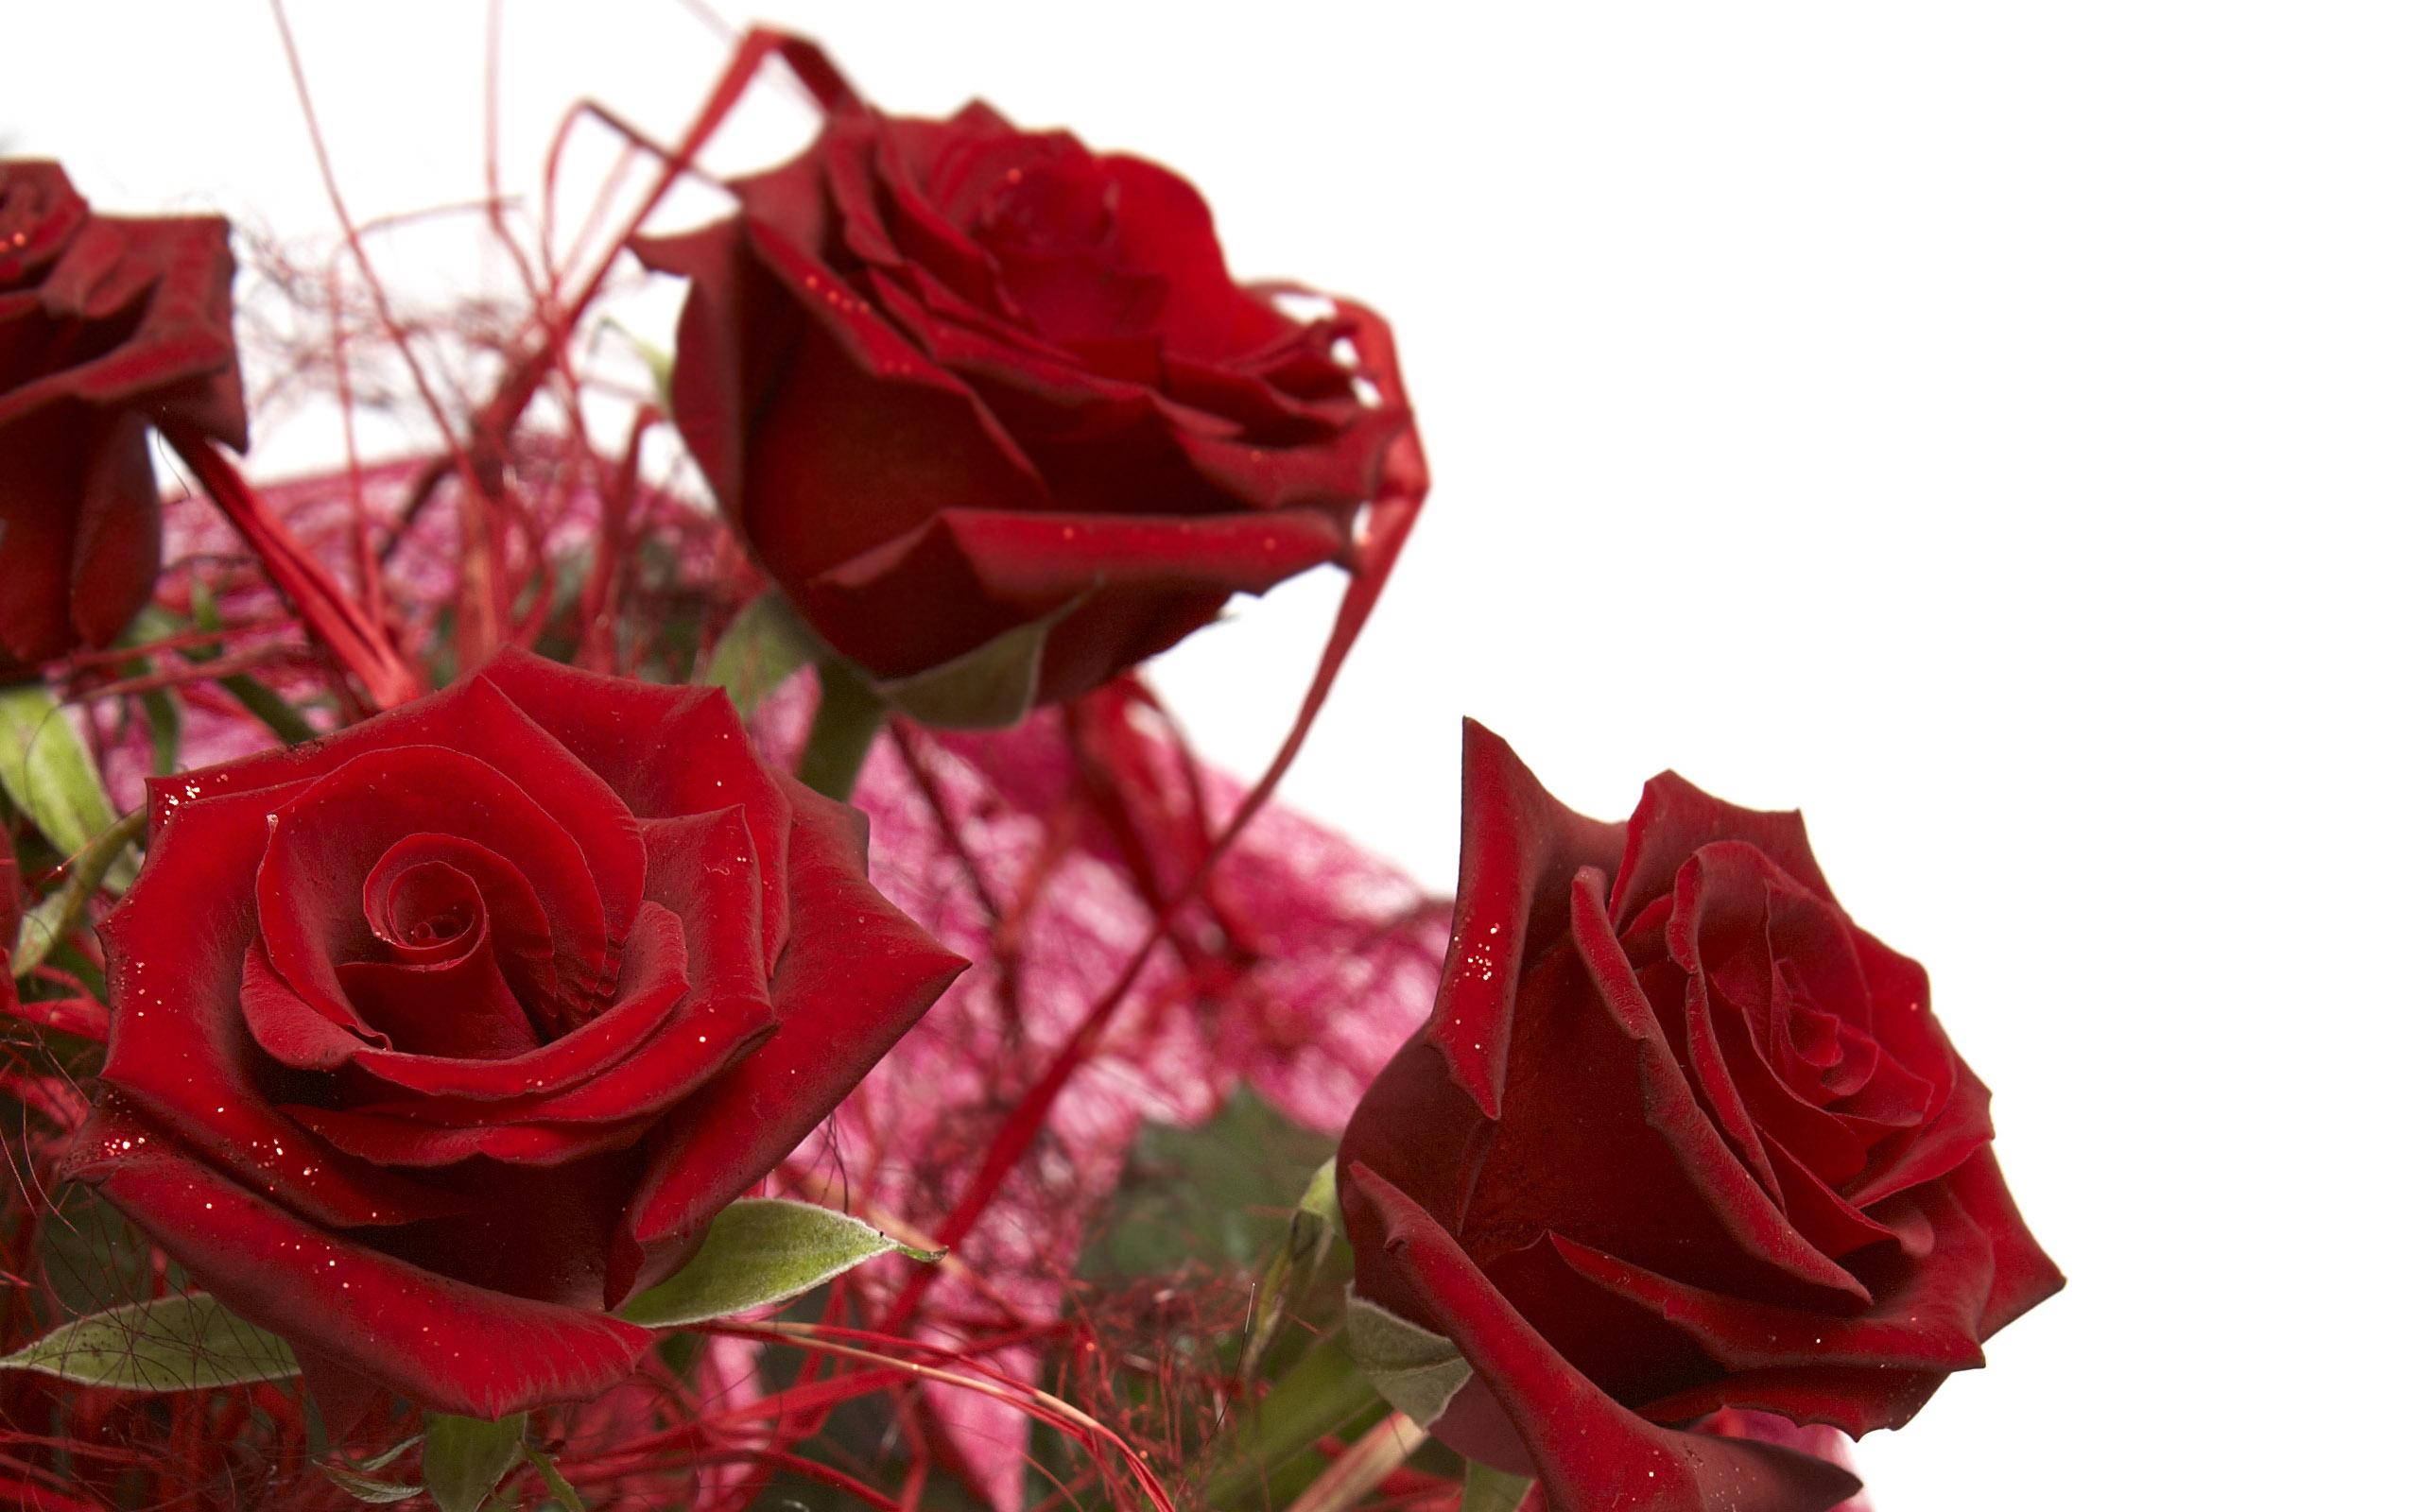 Hình ảnh những hoa hồng đỏ đẹp